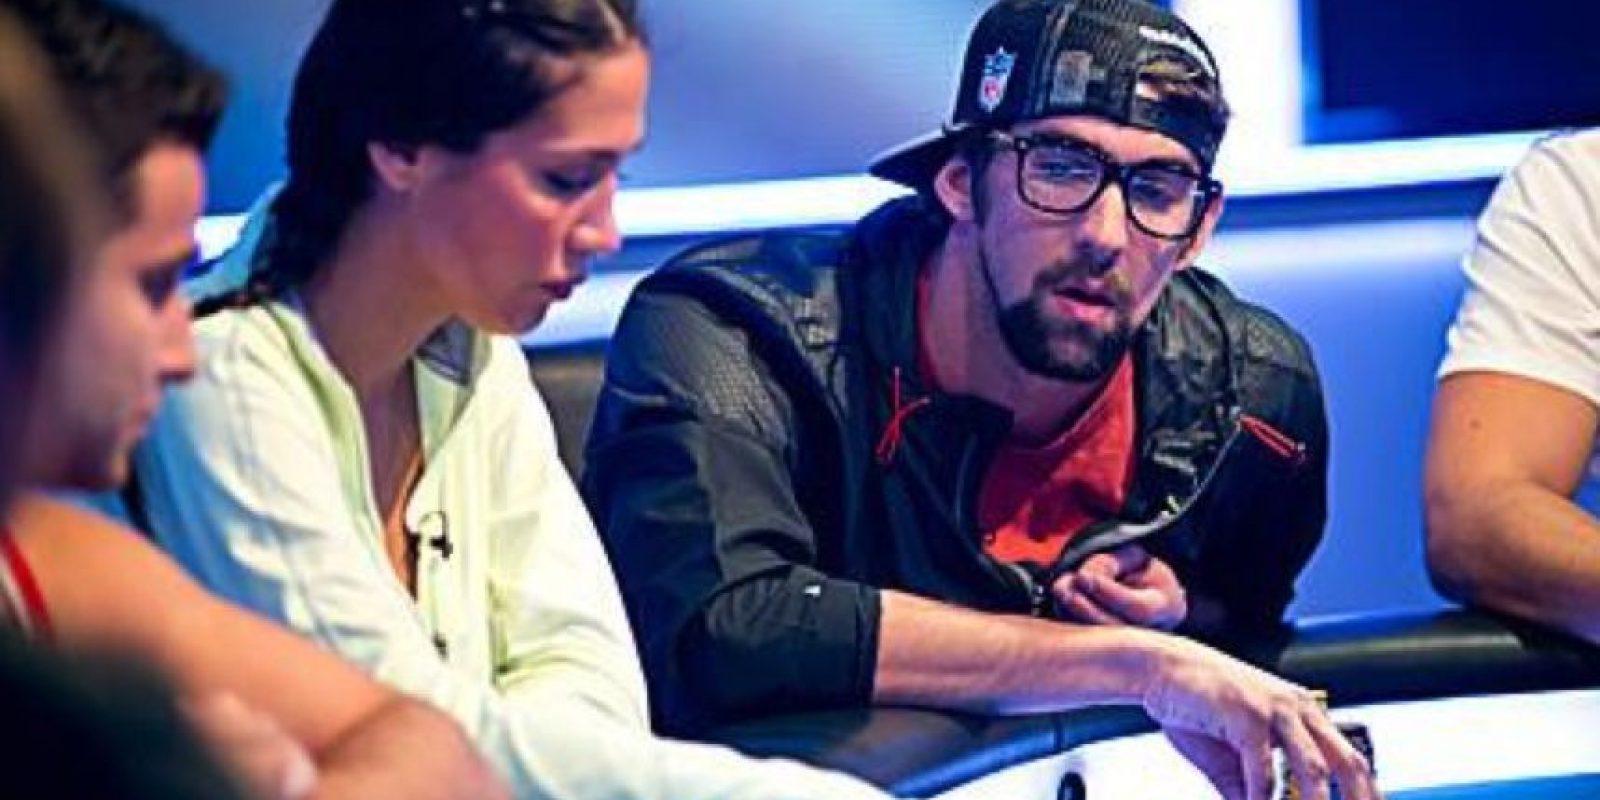 El nadador Michael Phelps, concentrado en un torneo Foto:Twitter: @piwelli